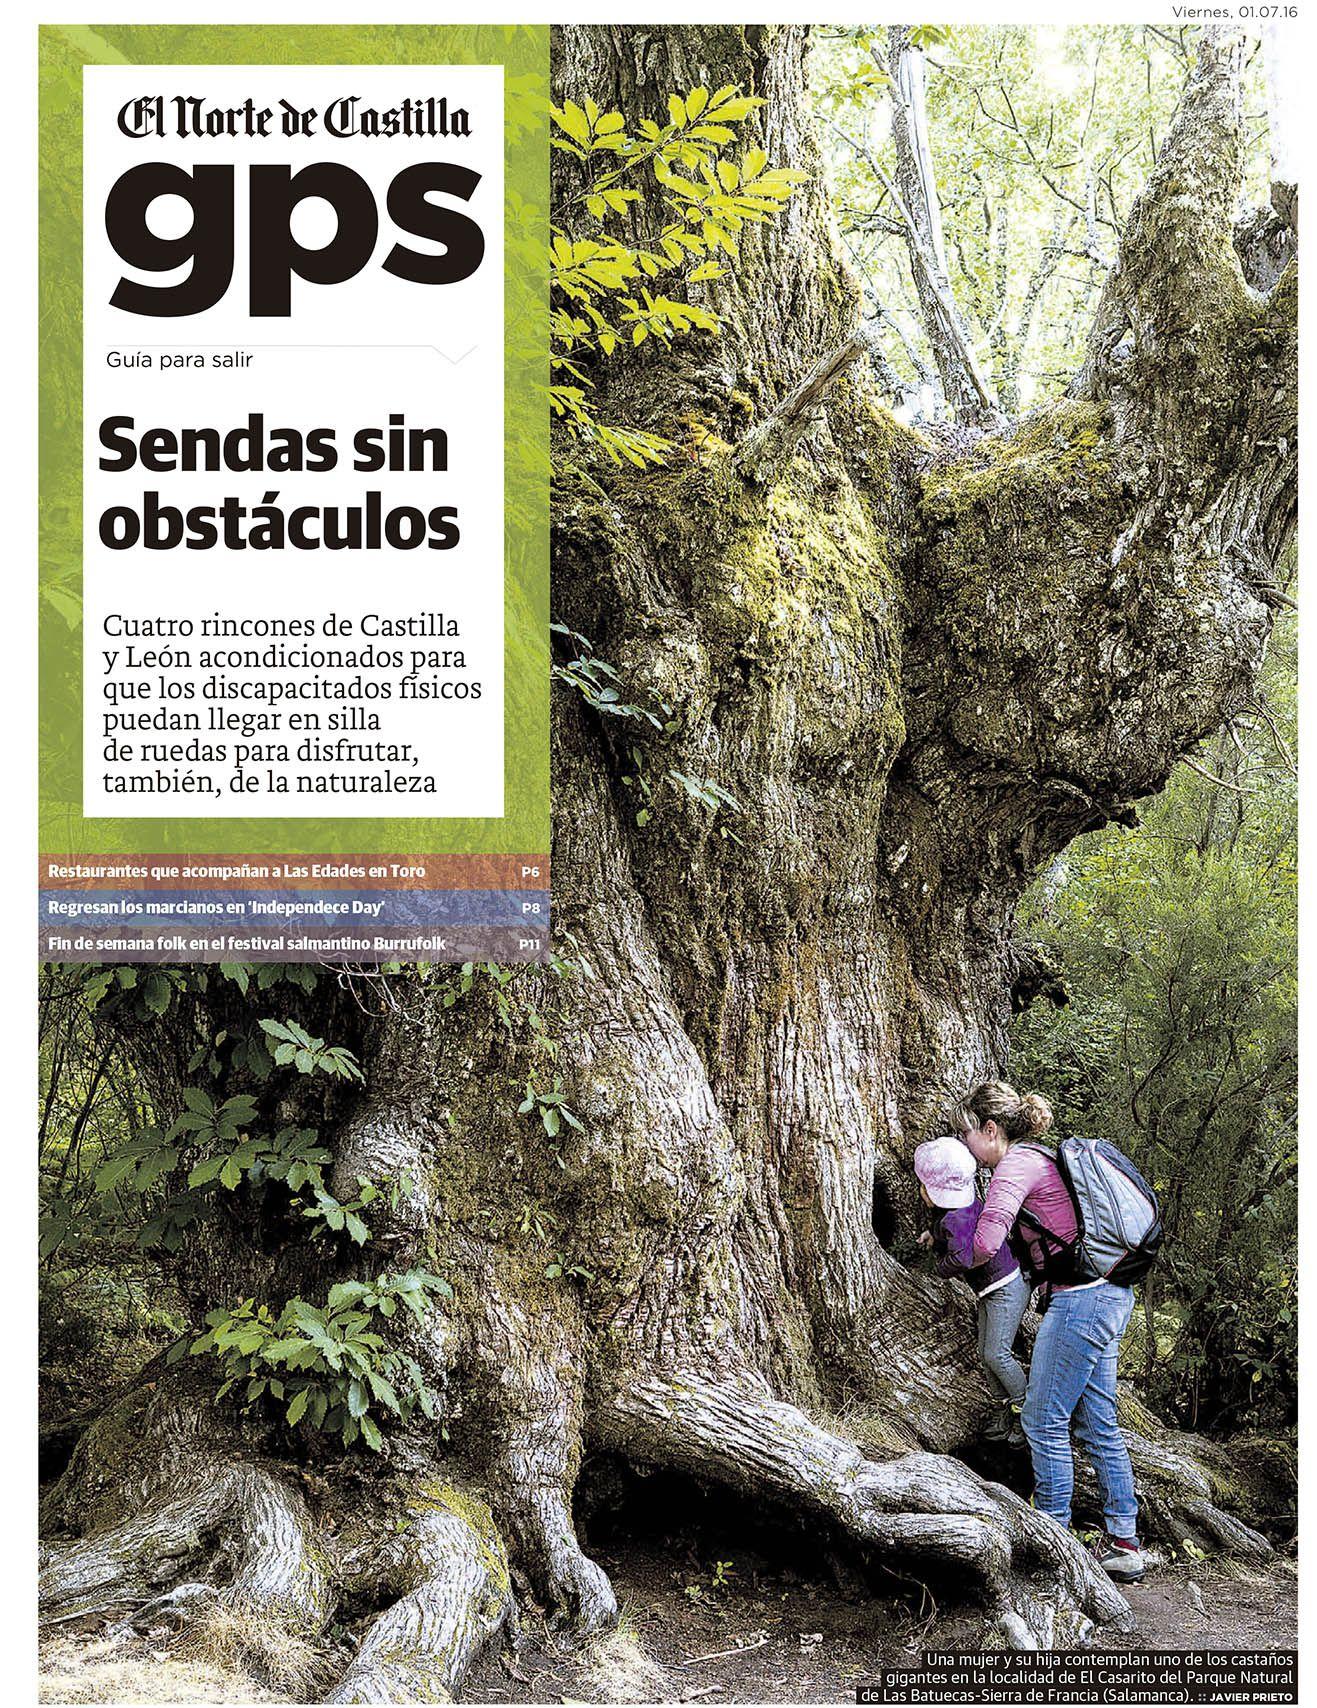 Rincones Verdes De Castilla Y León Que Pueden Visitarse En Silla De Ruedas Siempre De Paso Silla De Ruedas Viajes Turismo